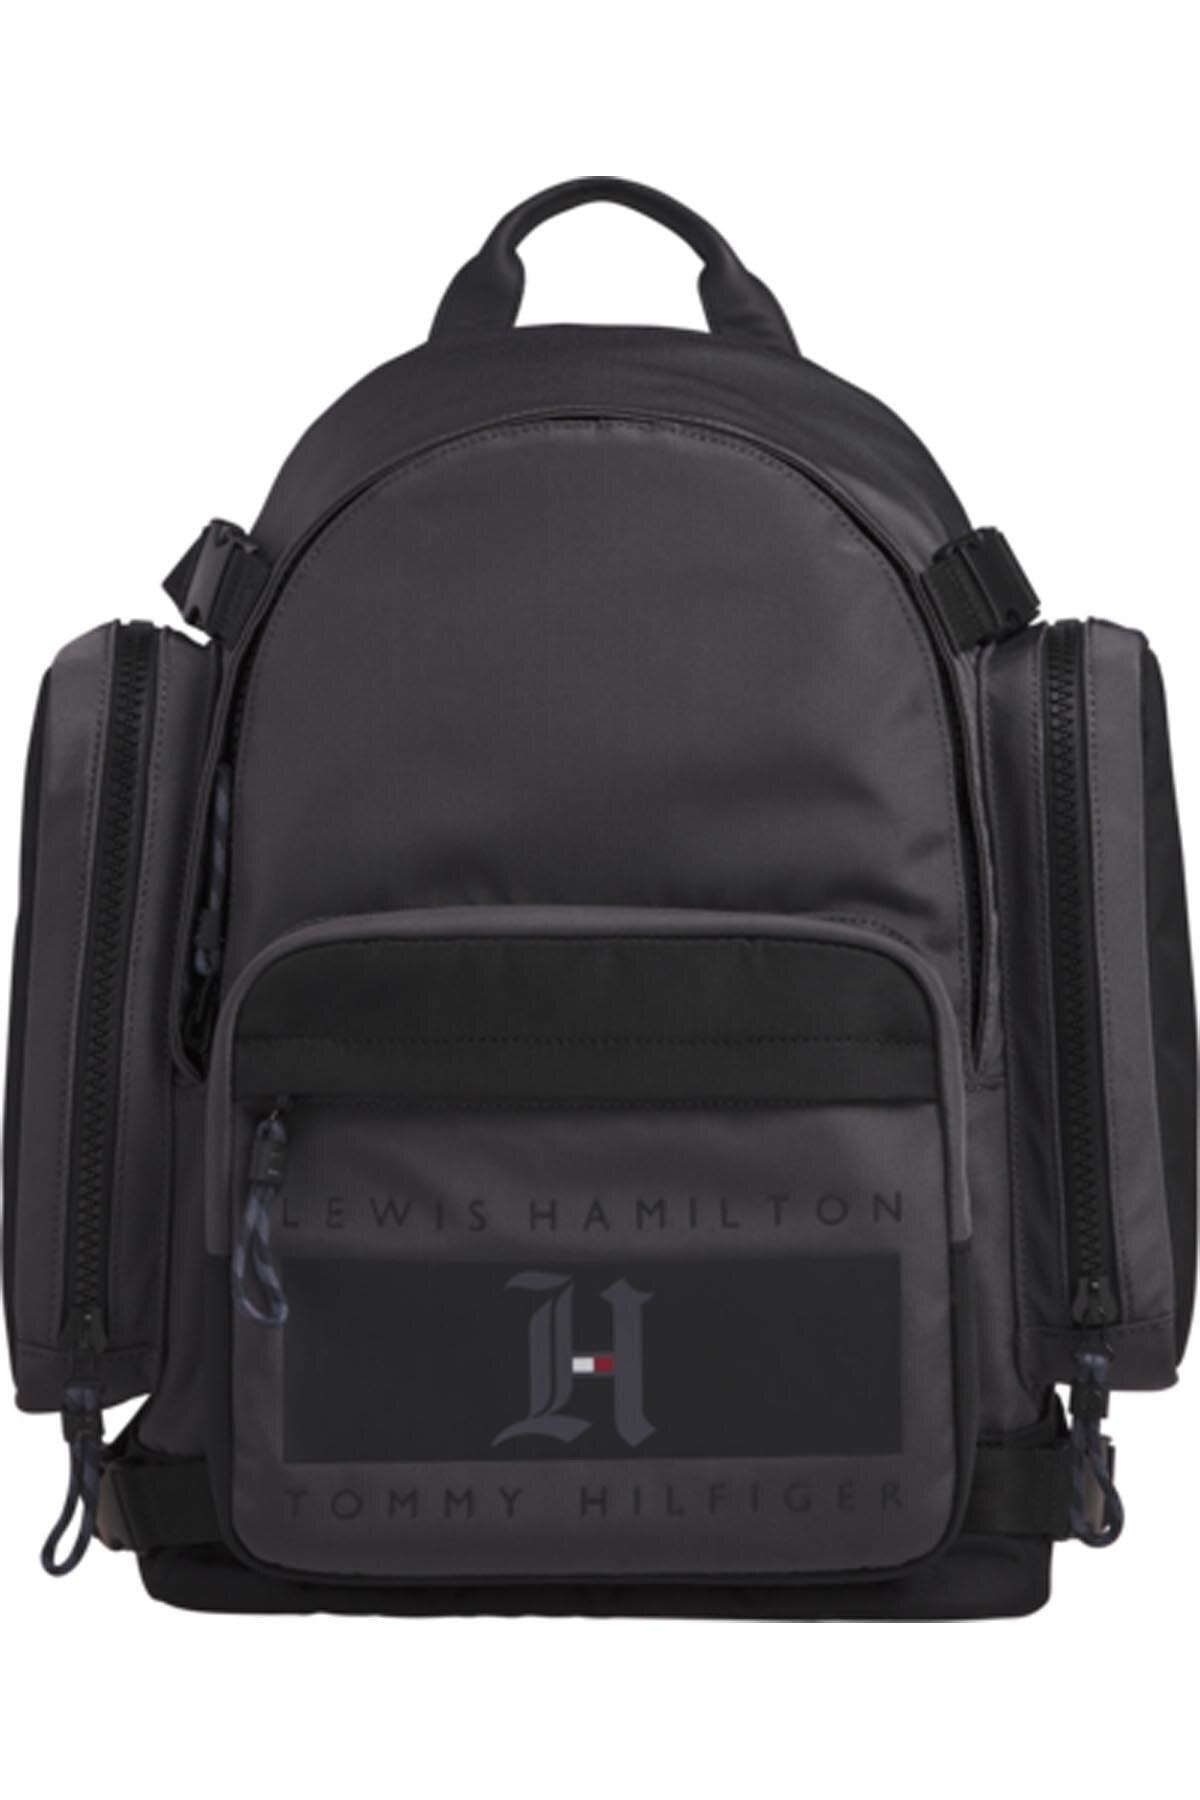 Tommy Hilfiger Erkek Gri Lh Nylon Backpack Sırt Çantası 1